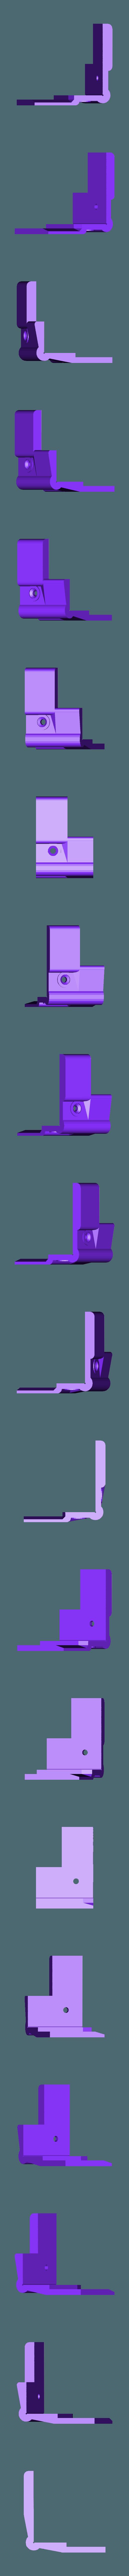 EnclosureWindow_top-front.stl Télécharger fichier STL gratuit Ikea manque de boîtier d'imprimante 3D • Plan pour impression 3D, Milan_Gajic